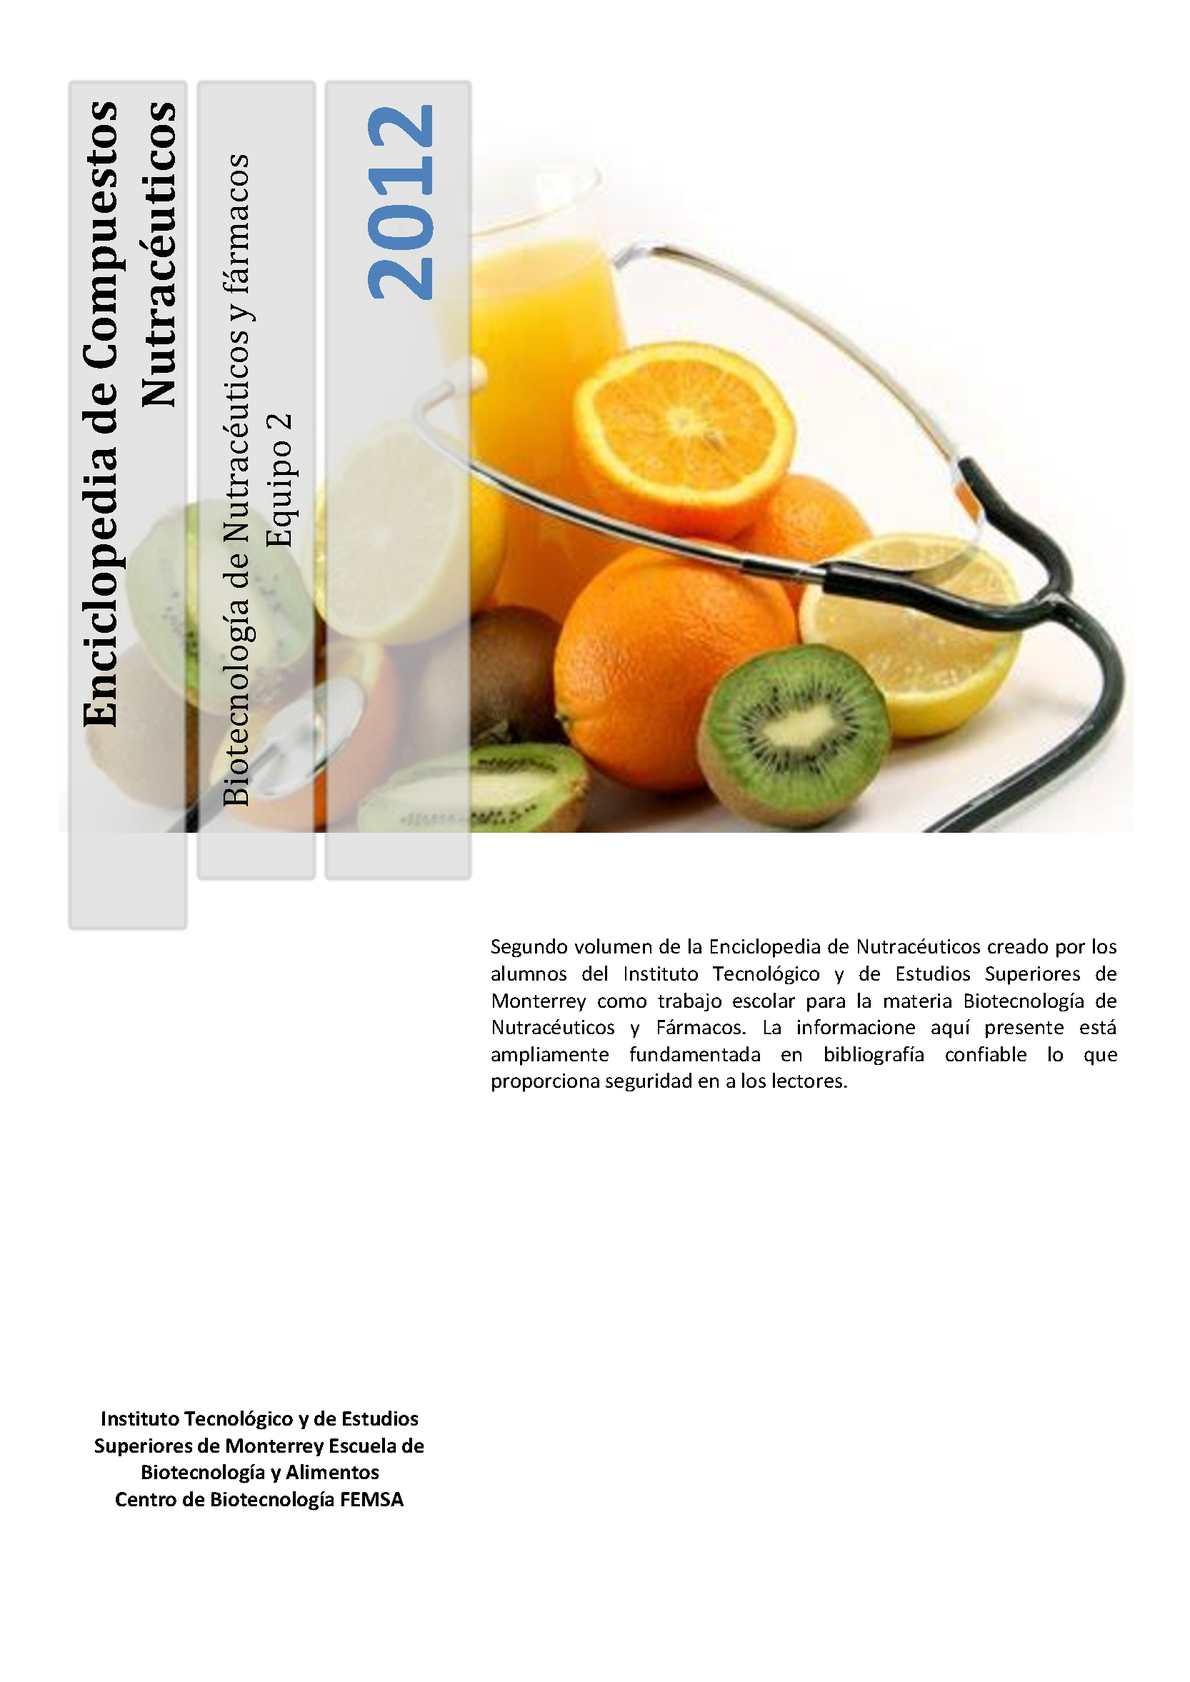 Inyecciones para bajar de peso triacylglycerols